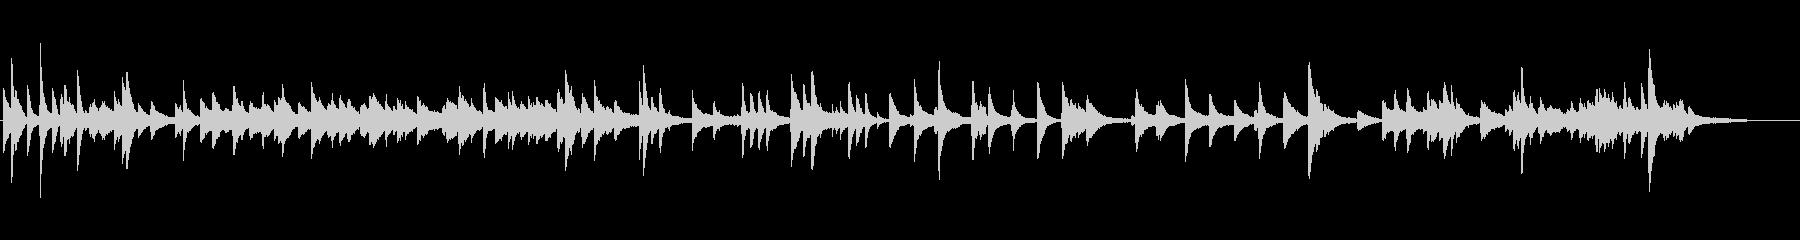 Jazzyな可愛い透明感あるピアノ曲の未再生の波形